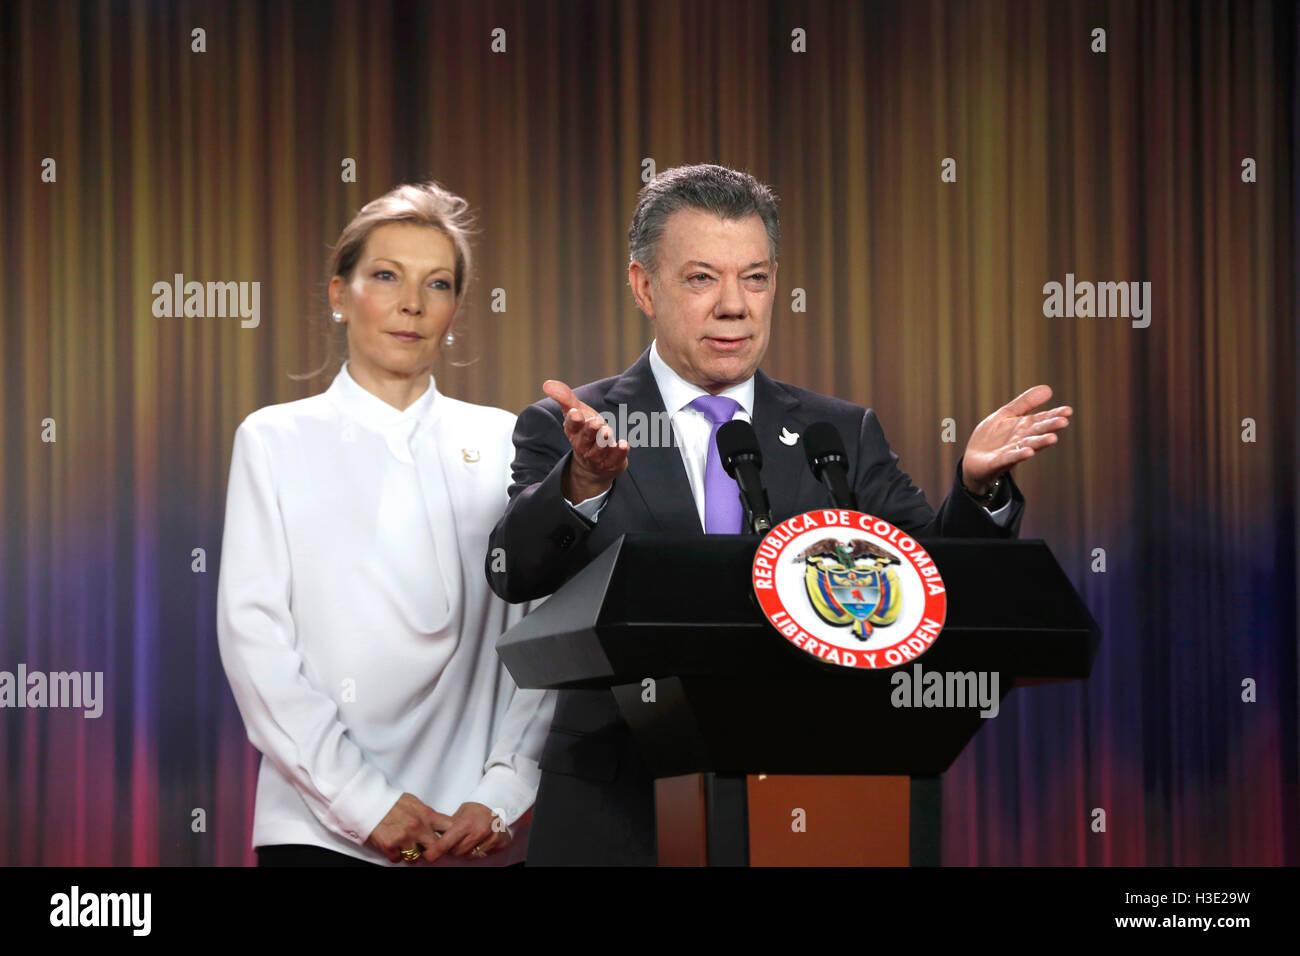 Bogota, Colombie. 7 Oct, 2016. Le président colombien Juan Manuel Santos (R) fournit une déclaration après Photo Stock